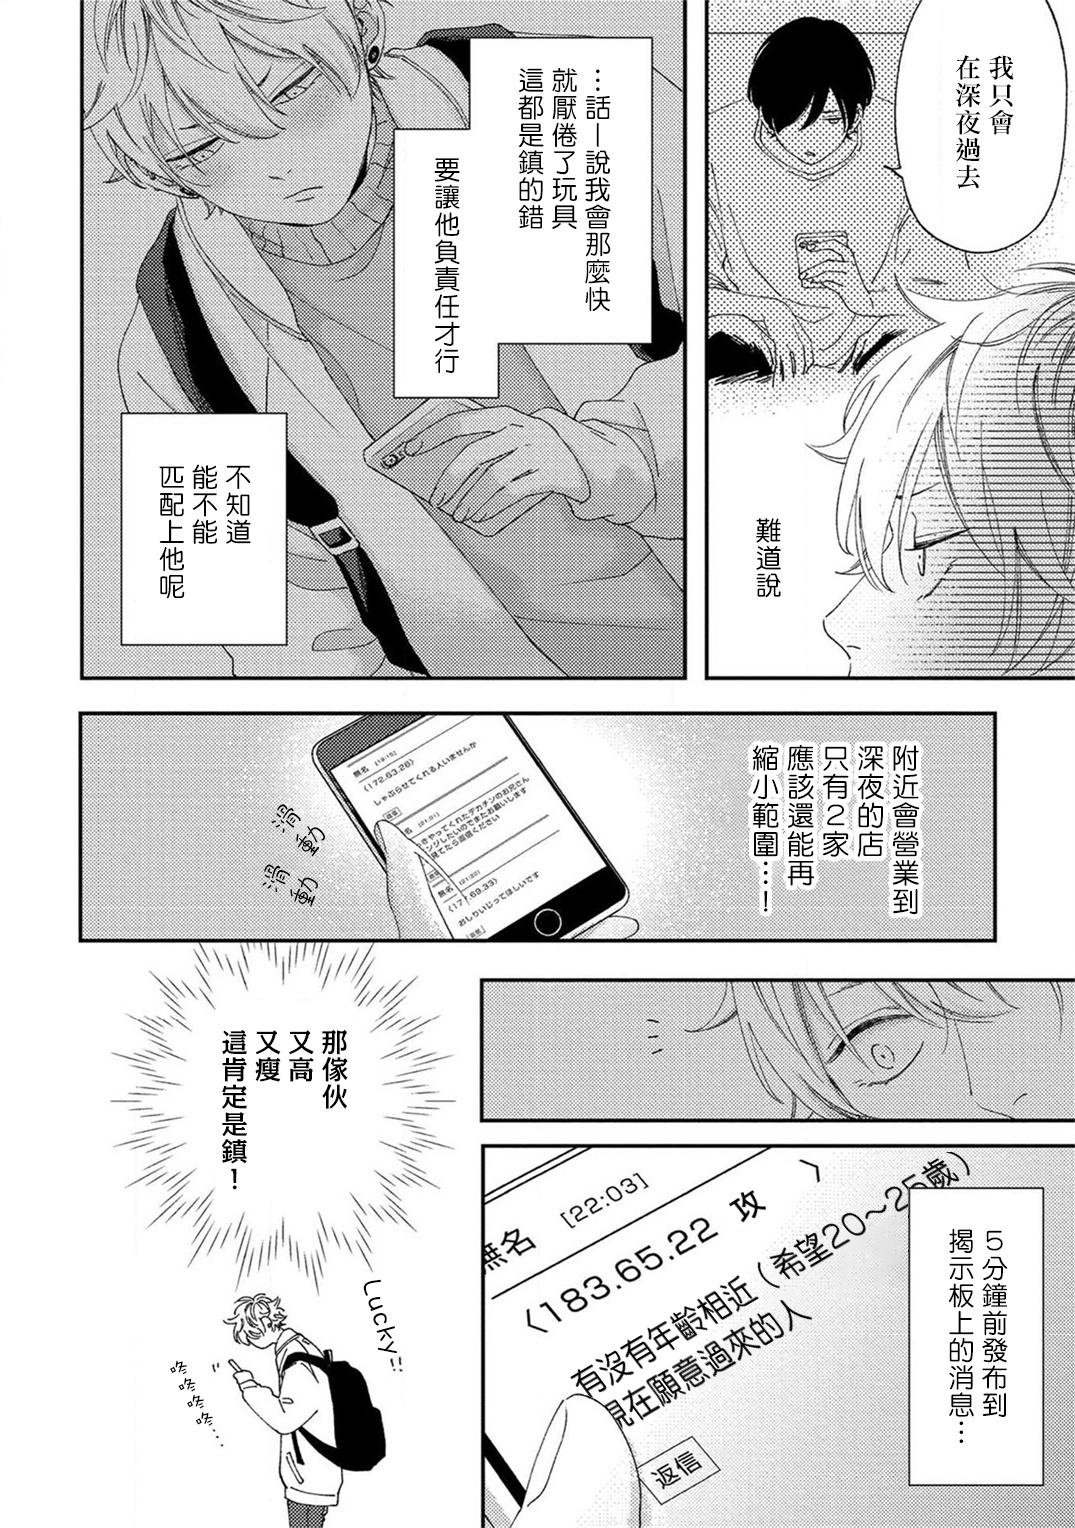 Sex Drop   情爱下坠 Ch. 1-5 完结 55